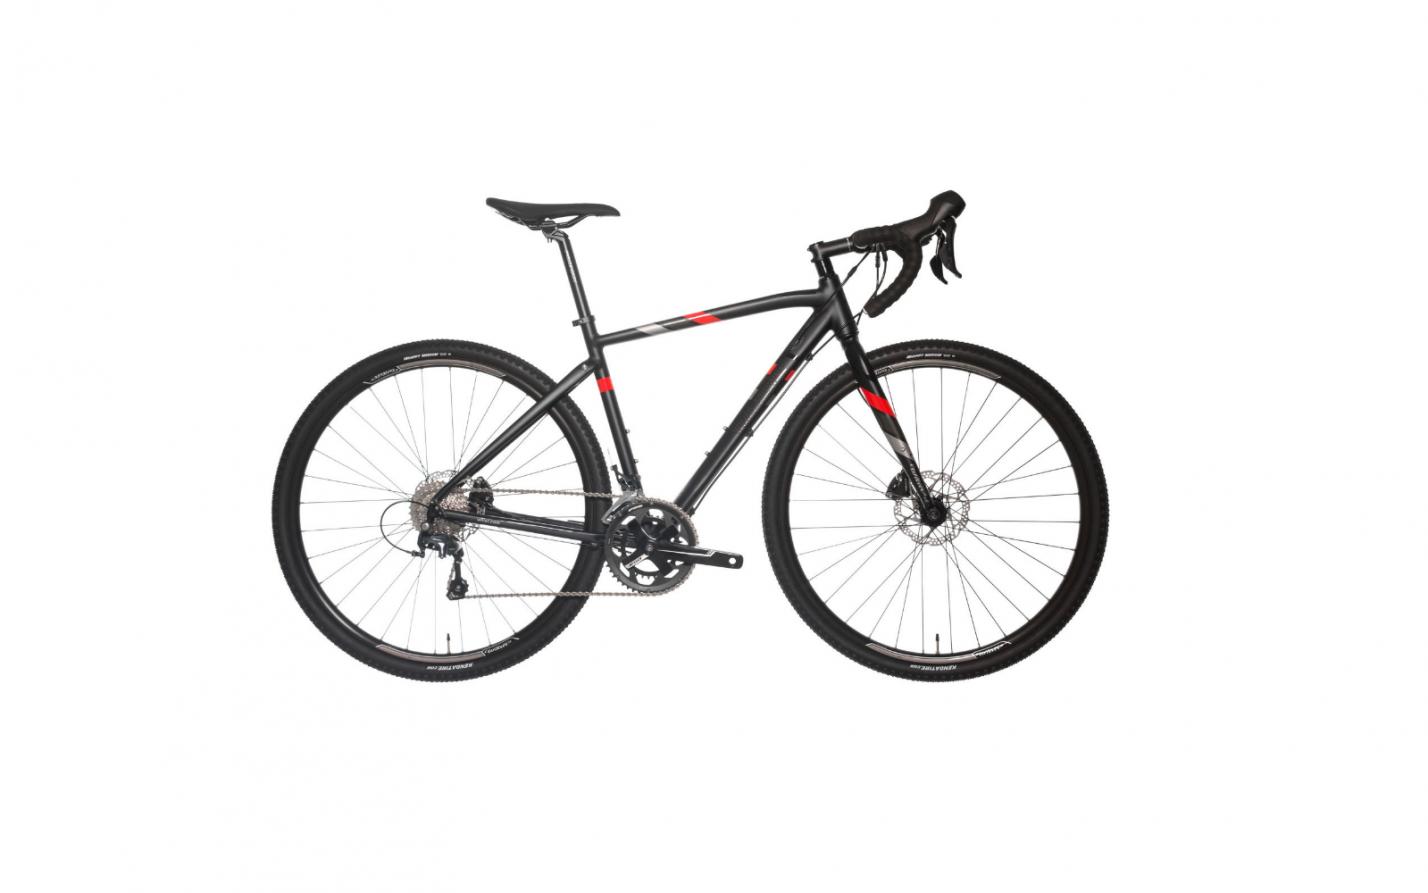 BICI GRAVEL WILIER JAREEN - Noleggio gravel bike Pisa